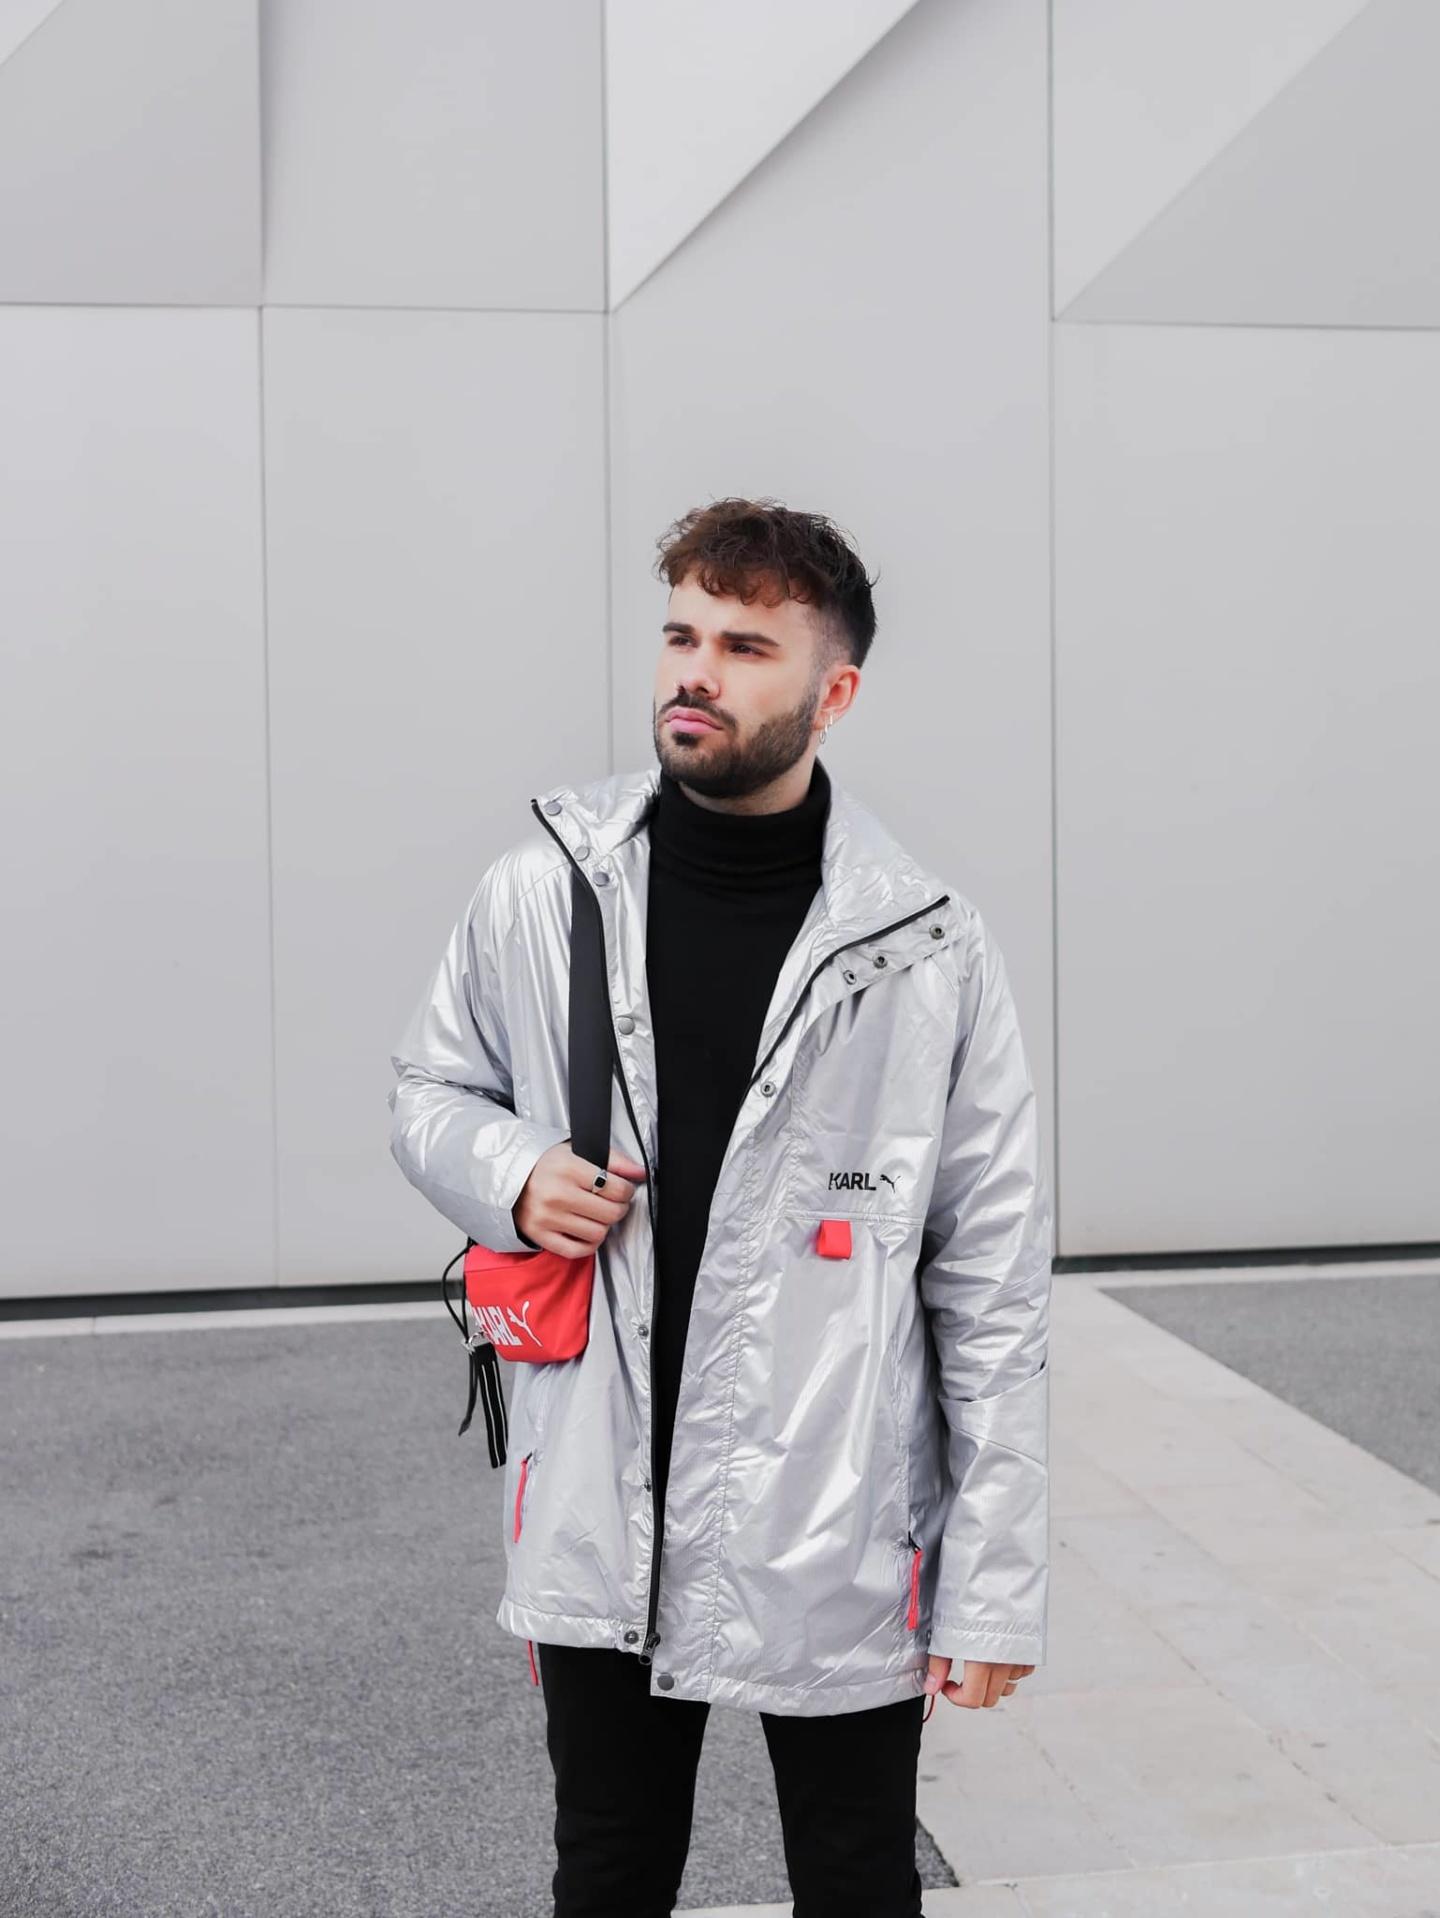 Karl Lagerfeld Puma 2019